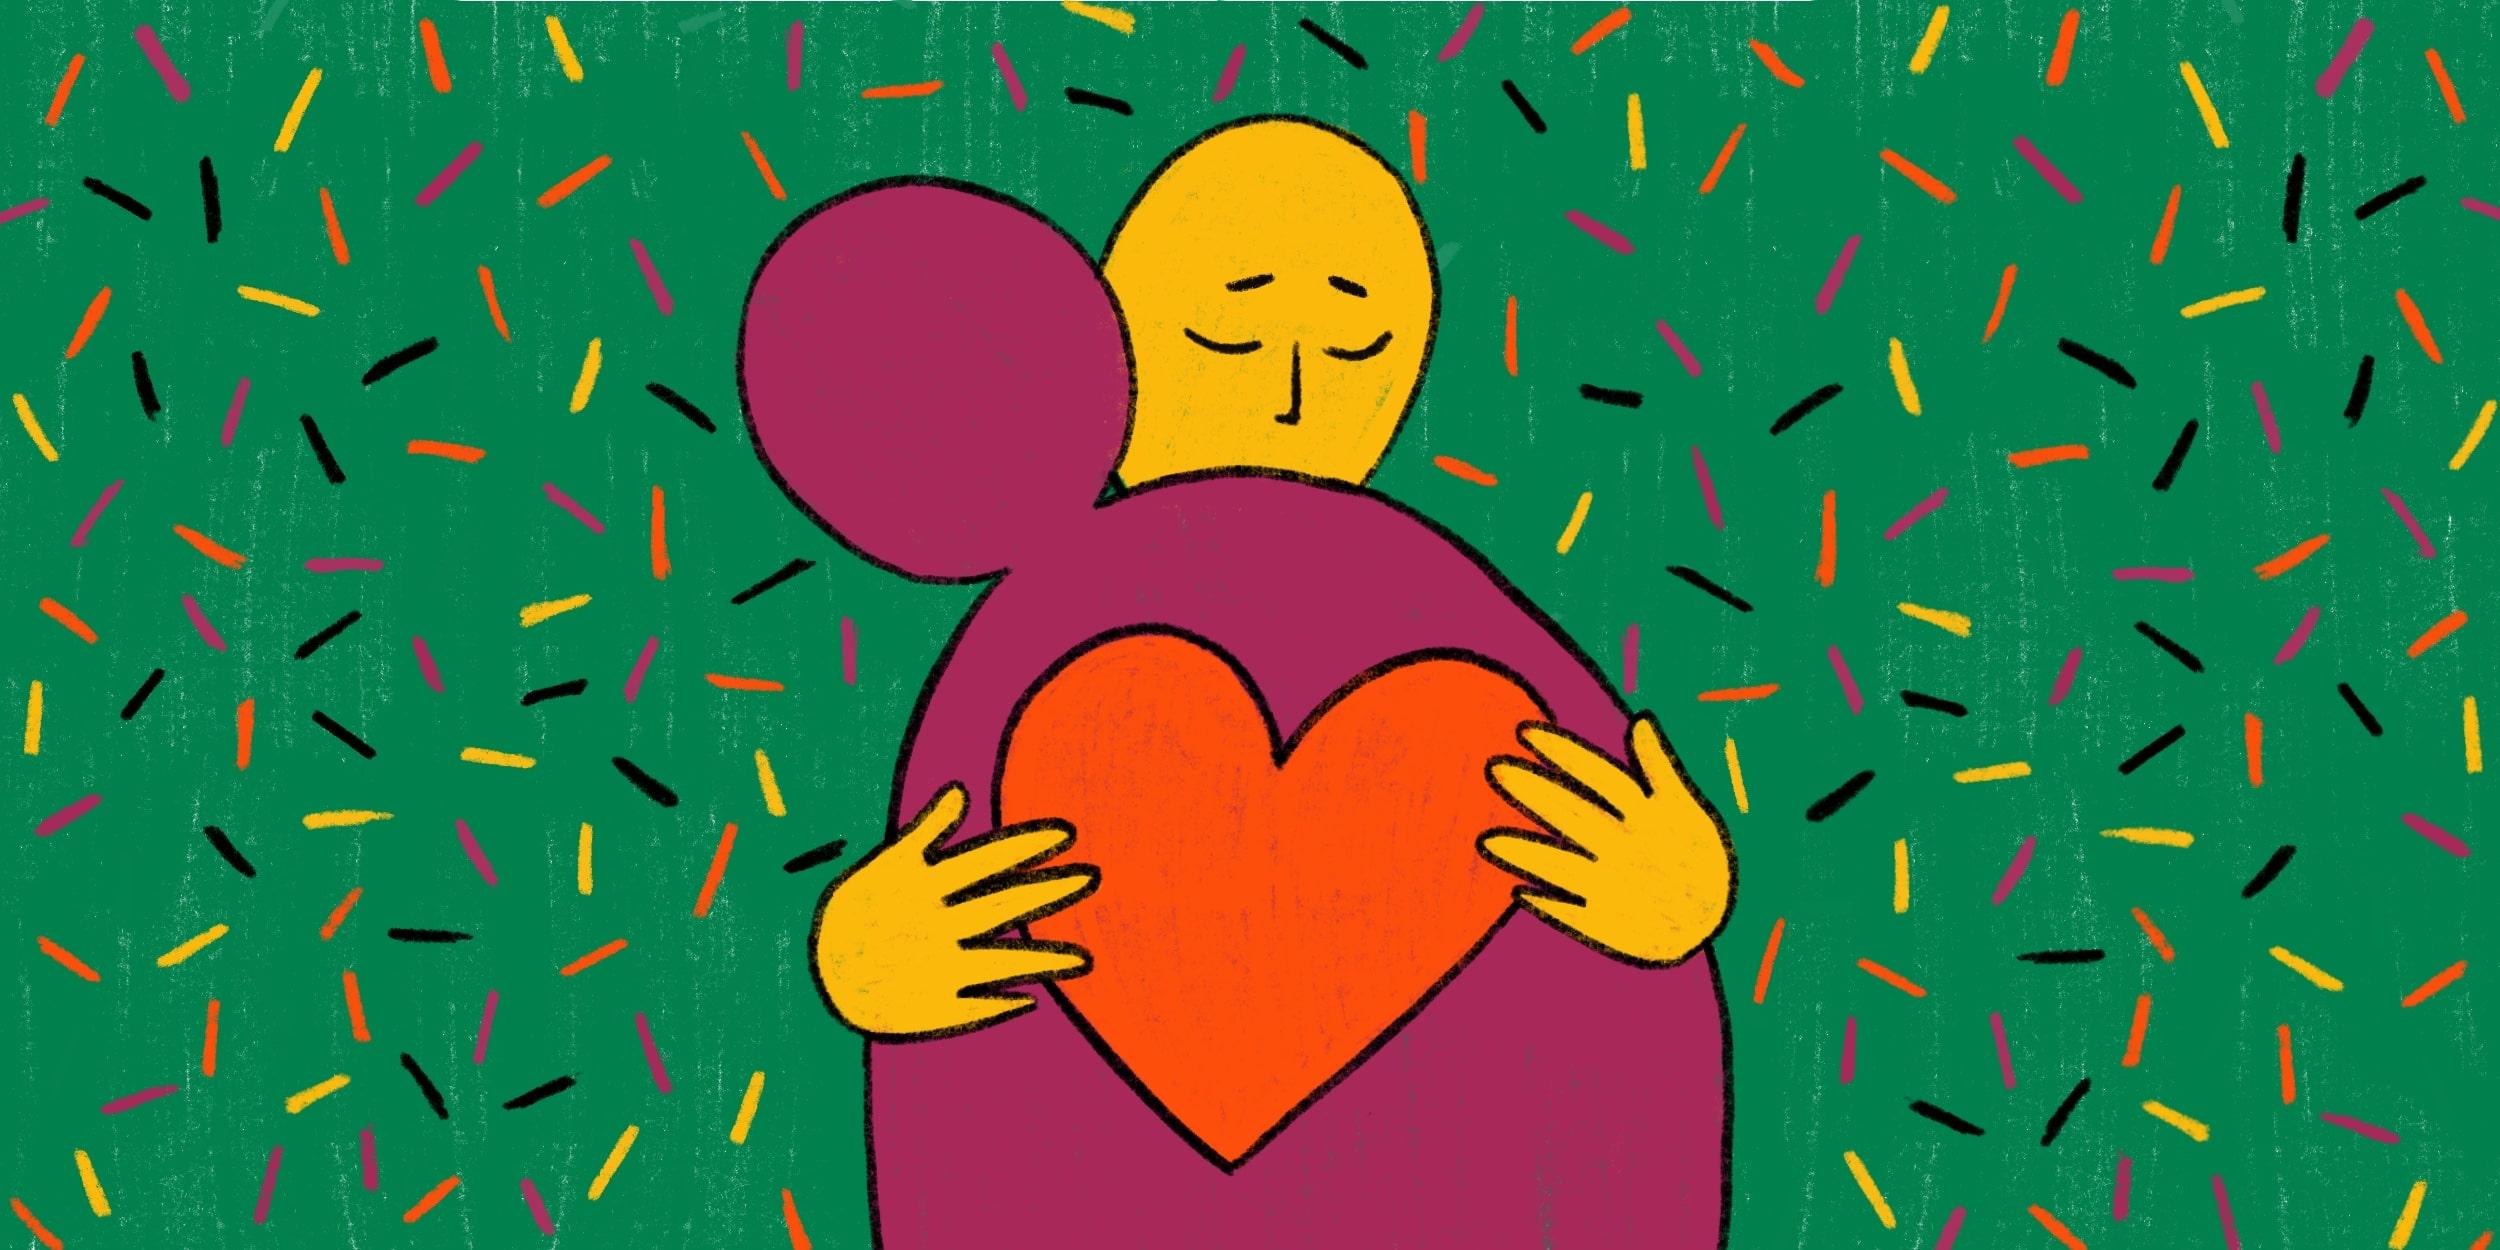 Как работает эмпатия с точки зрения науки - Лайфхакер